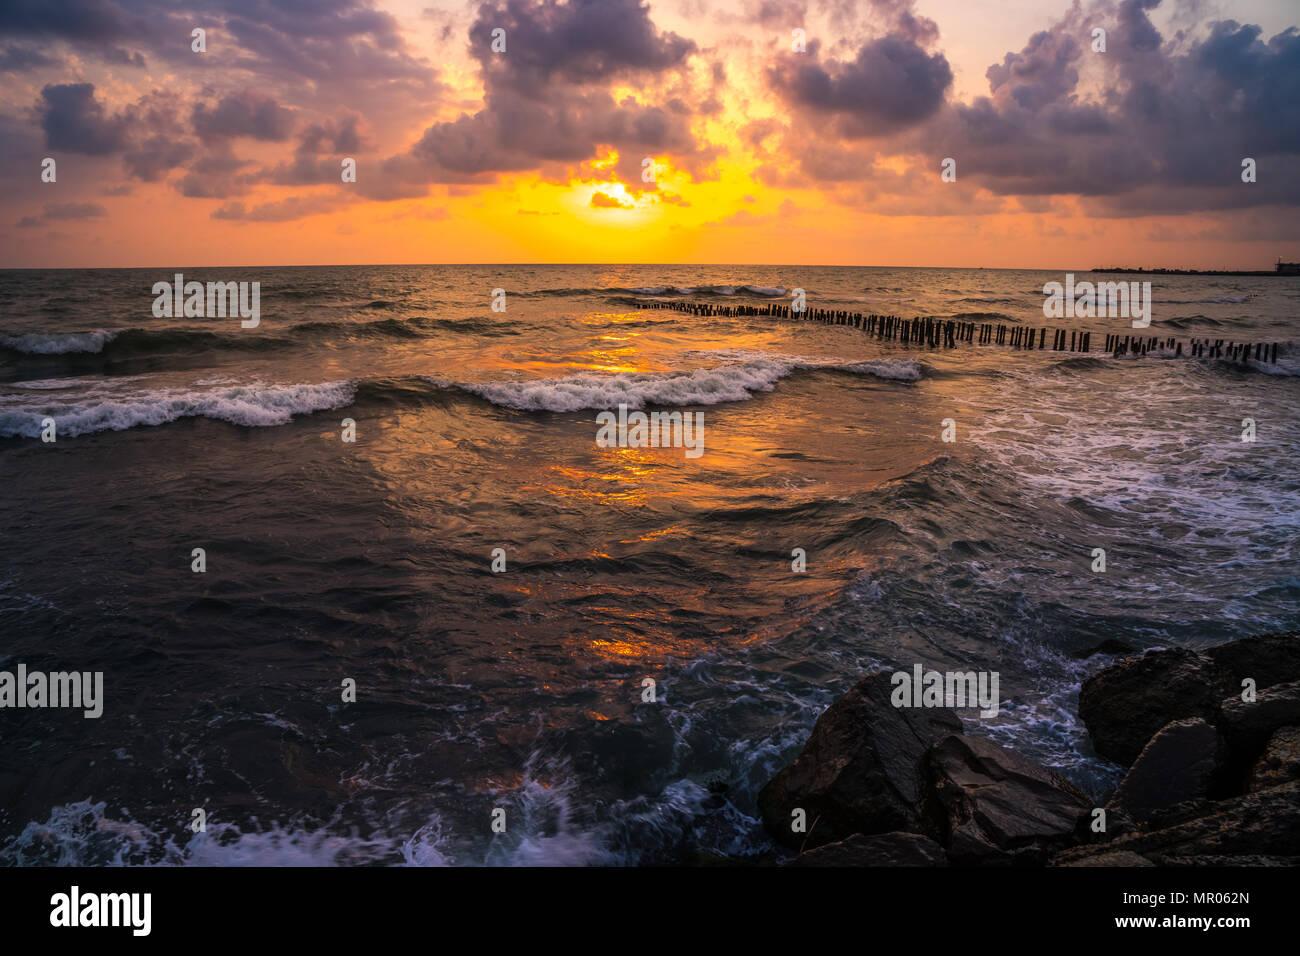 Le Coucher Du Soleil Magnifique Coucher De Soleil Mer Noire La